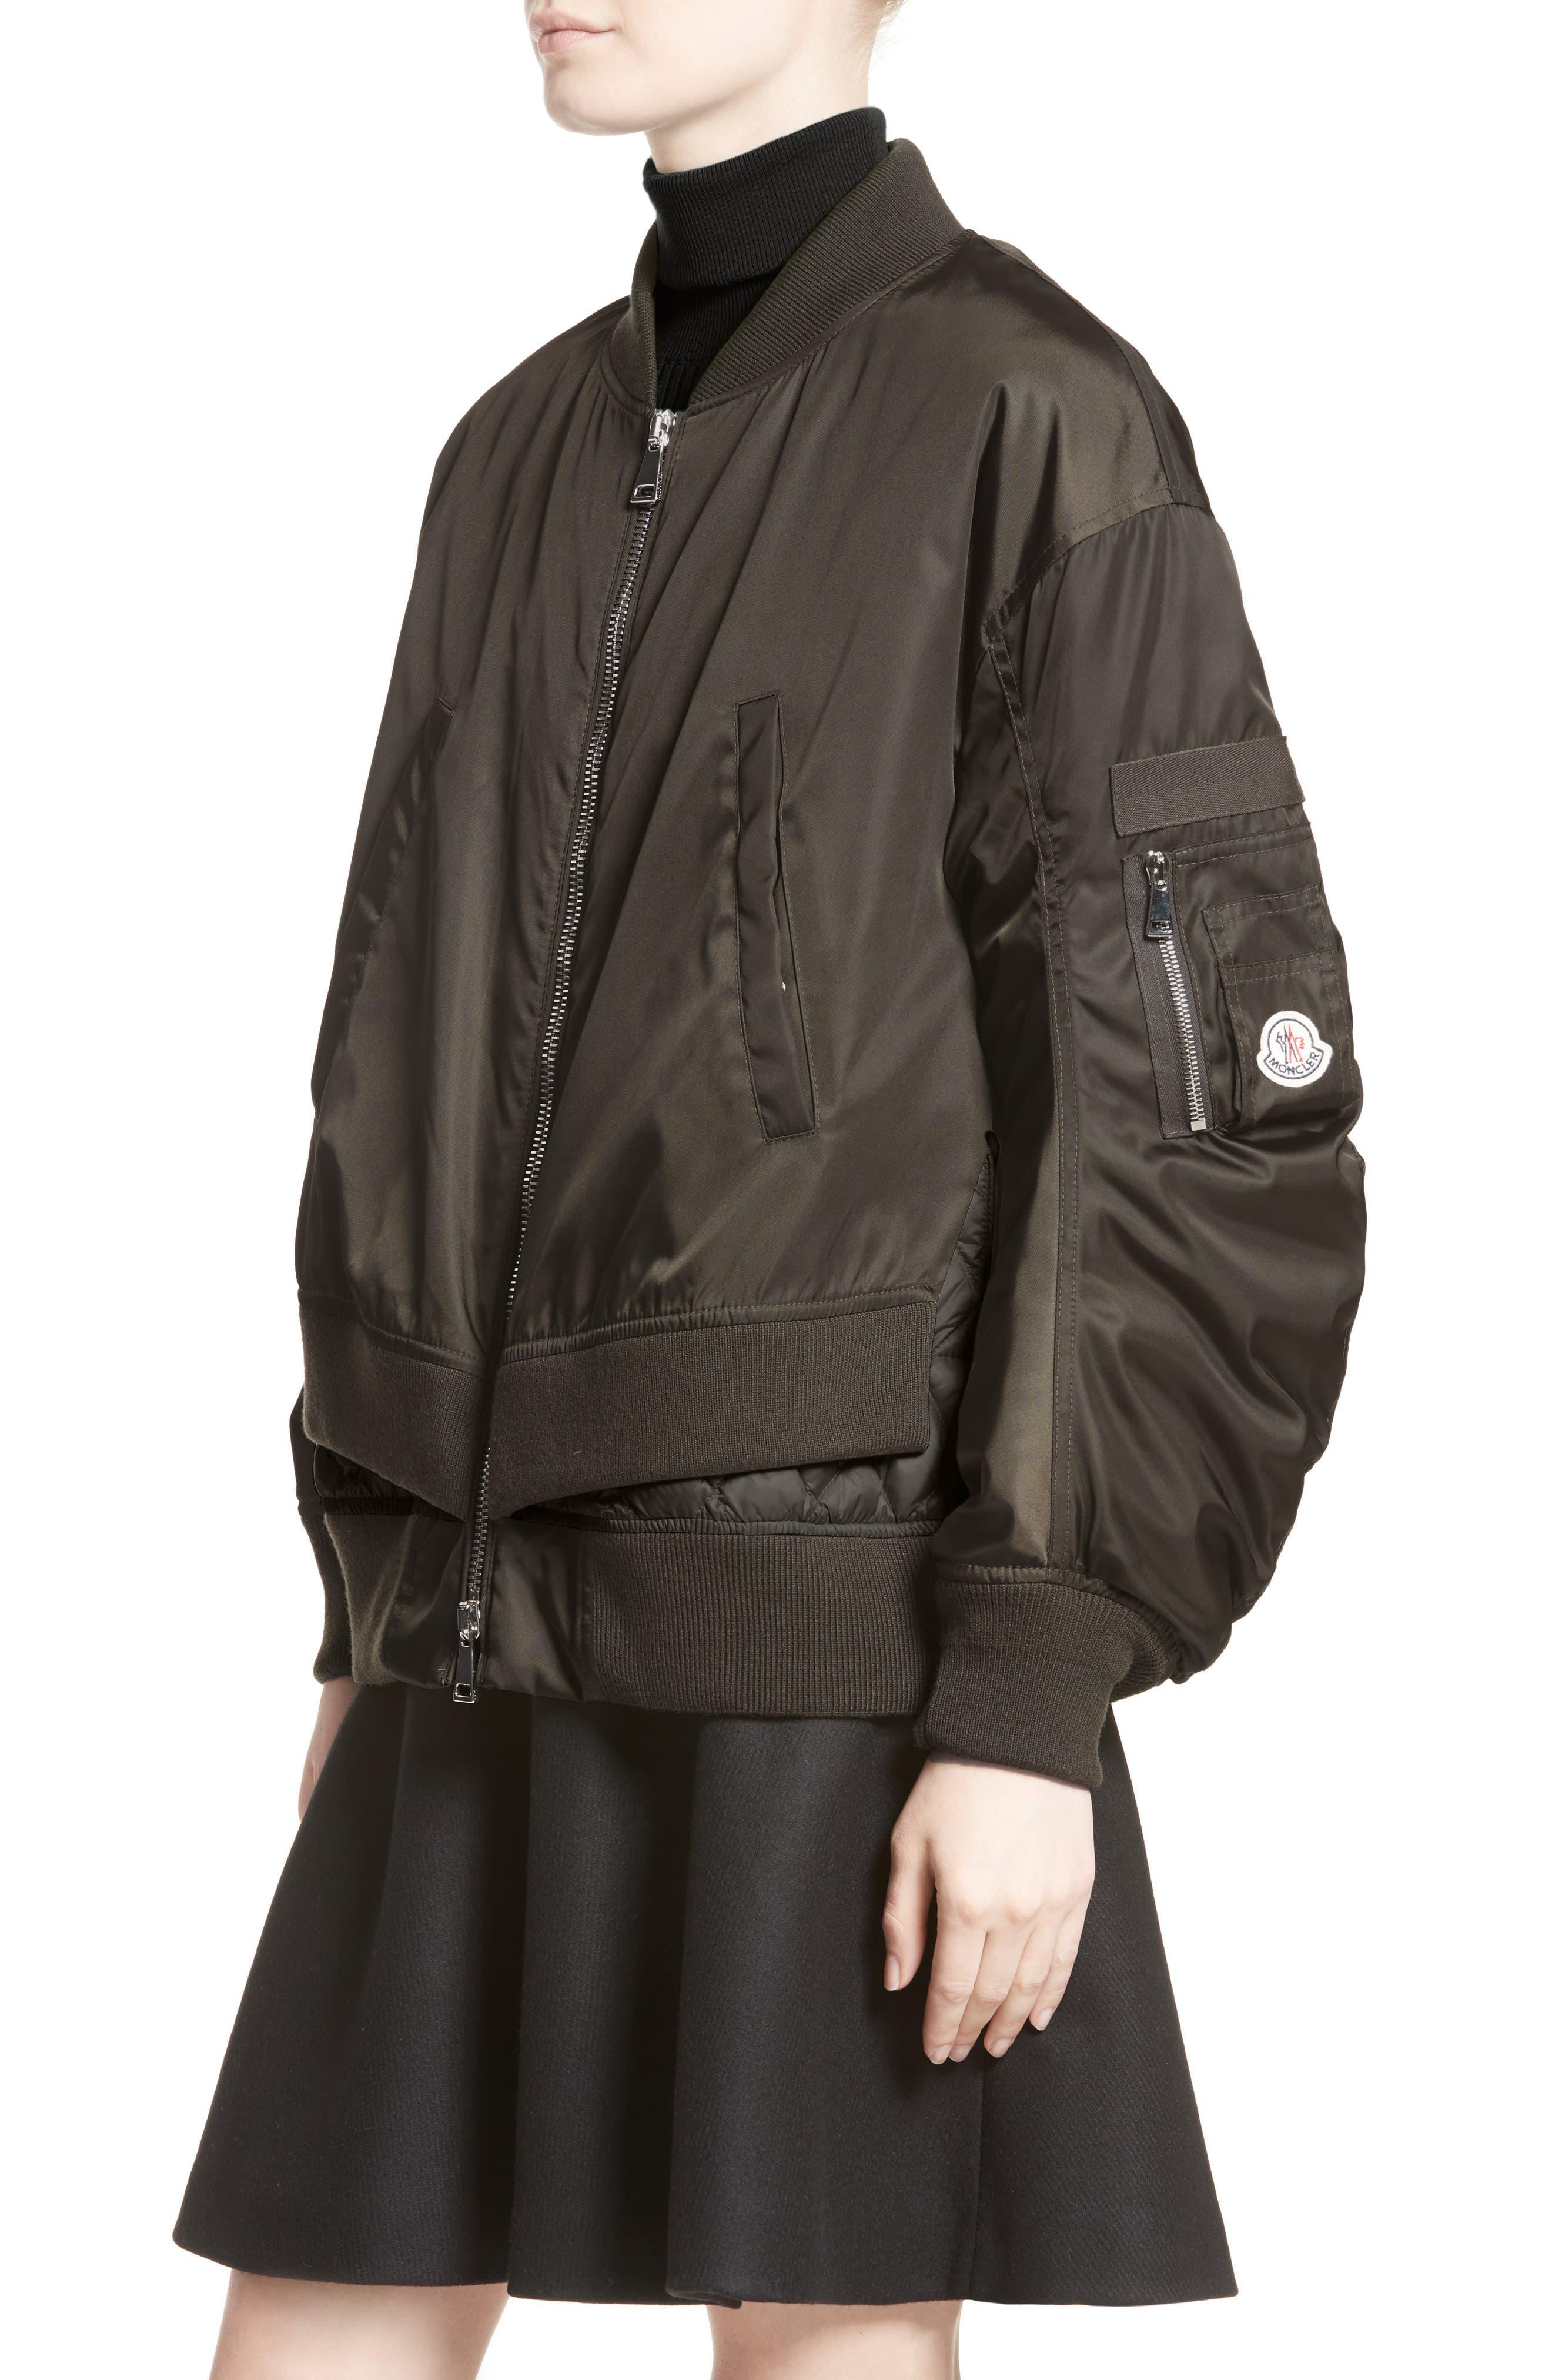 Aralia Layered Bomber Jacket,                             Alternate thumbnail 4, color,                             Olive/ Blush Lining